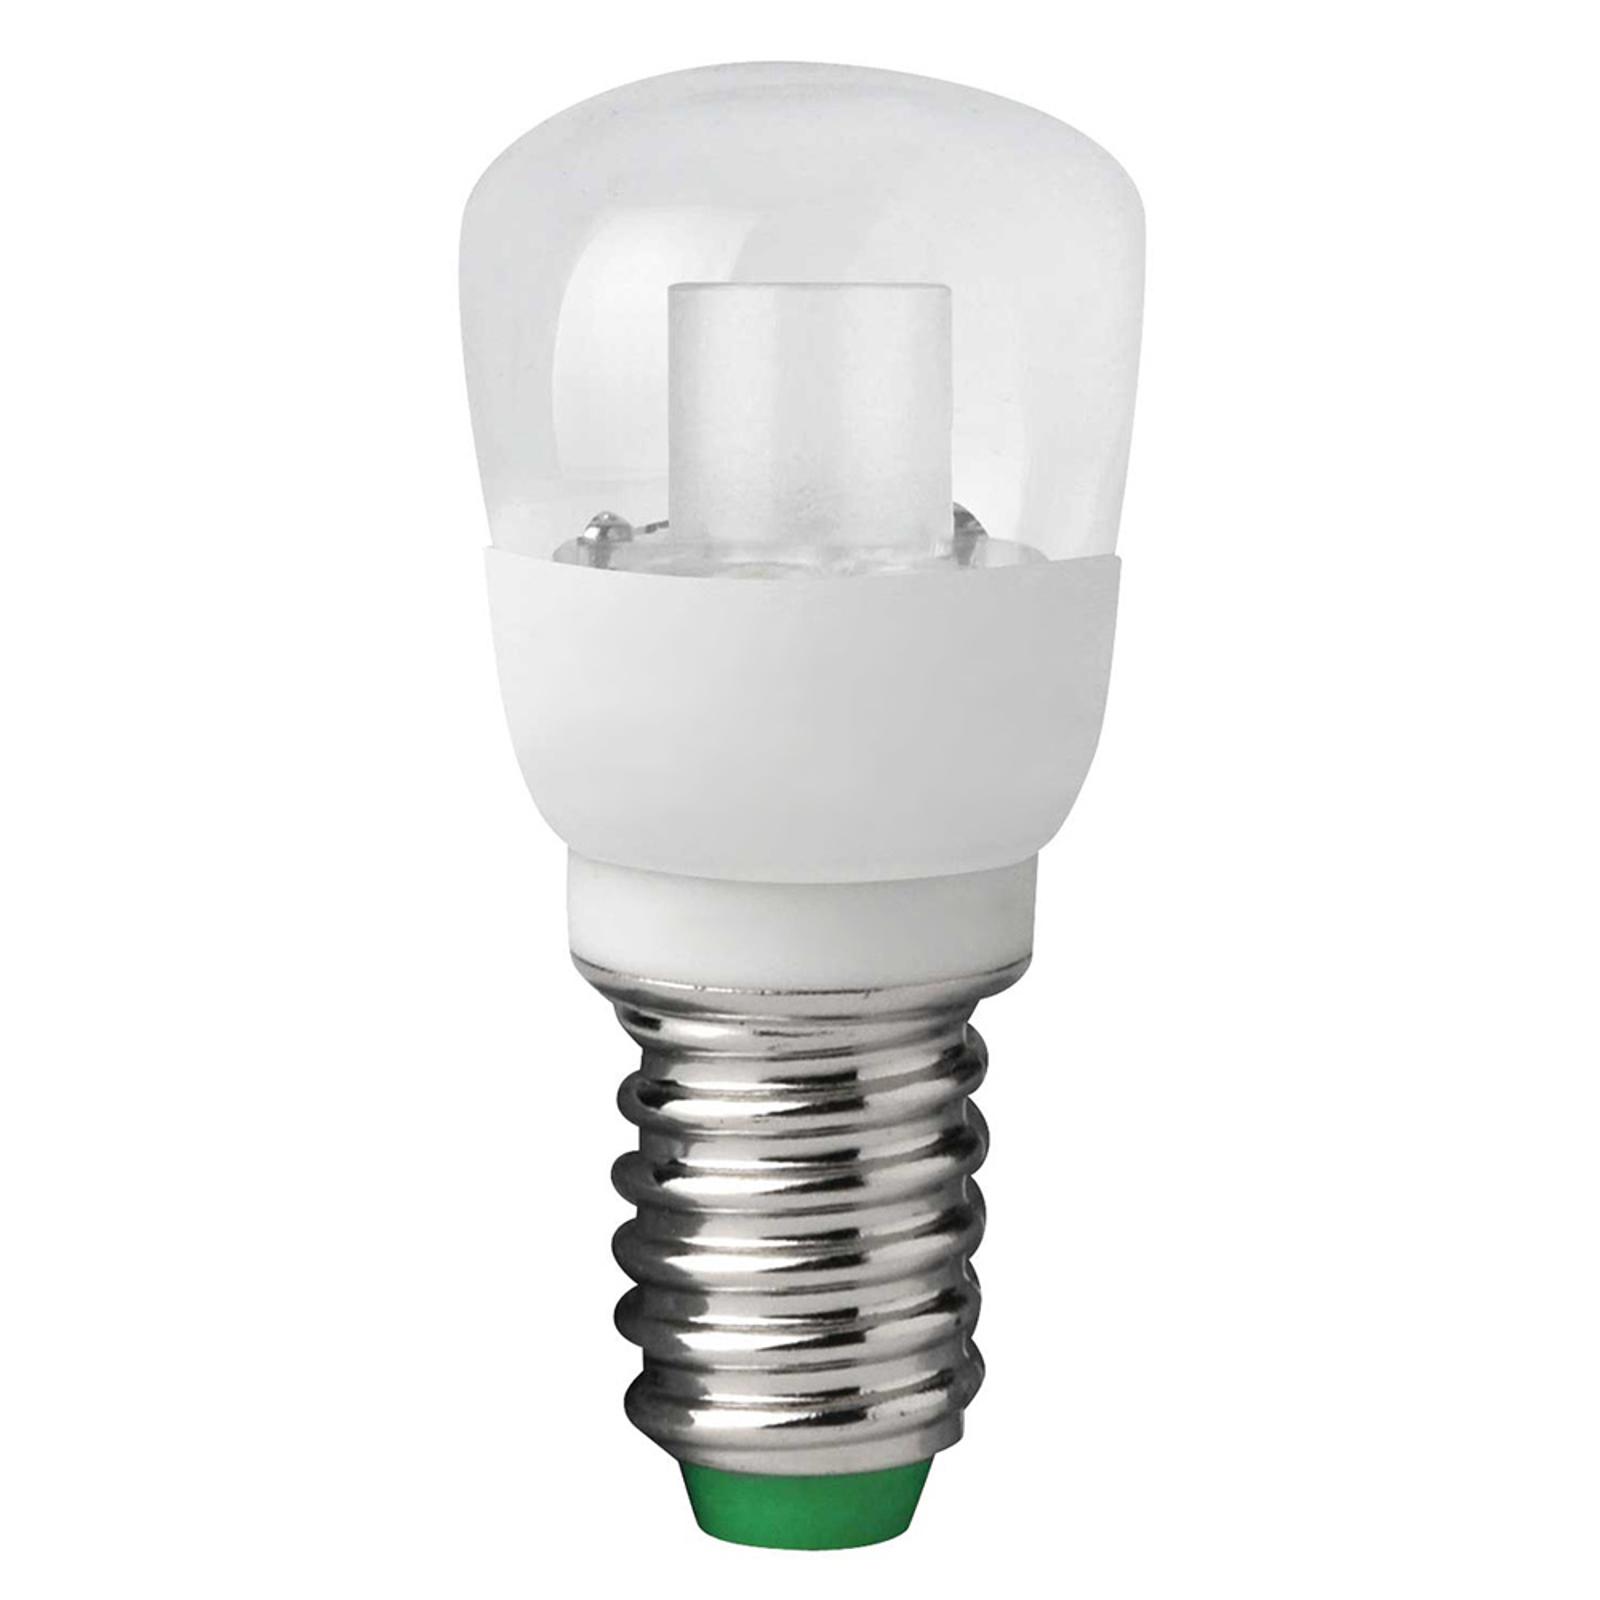 LED pour réfrigérateur E14 2W 828 MEGAMAN Classic